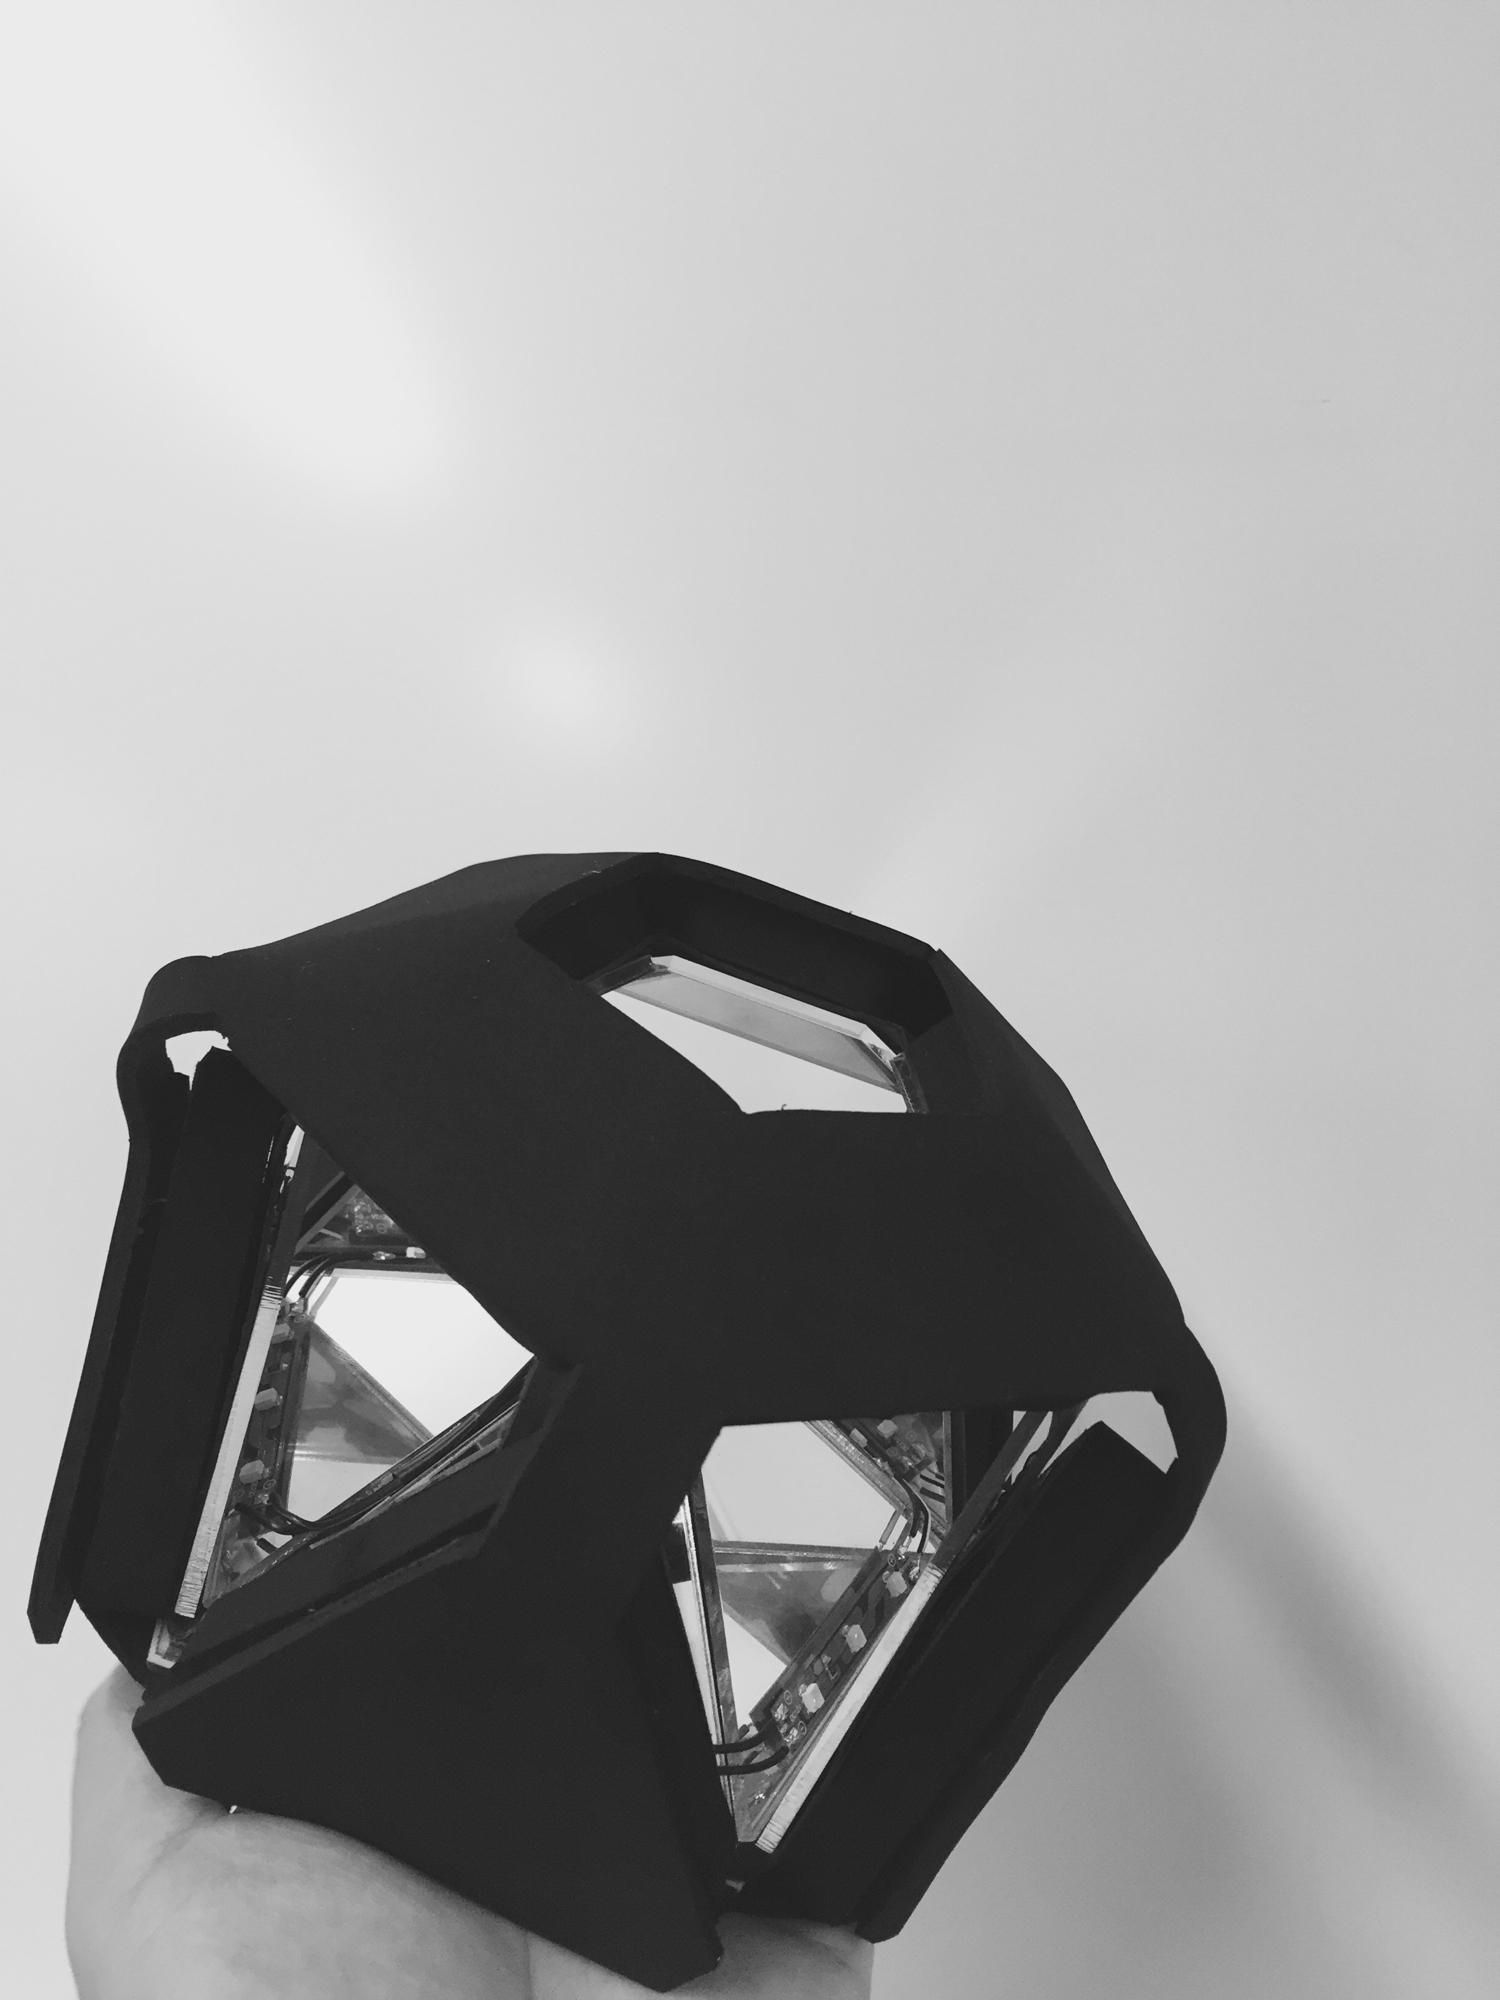 webschlichtlights-9.jpg